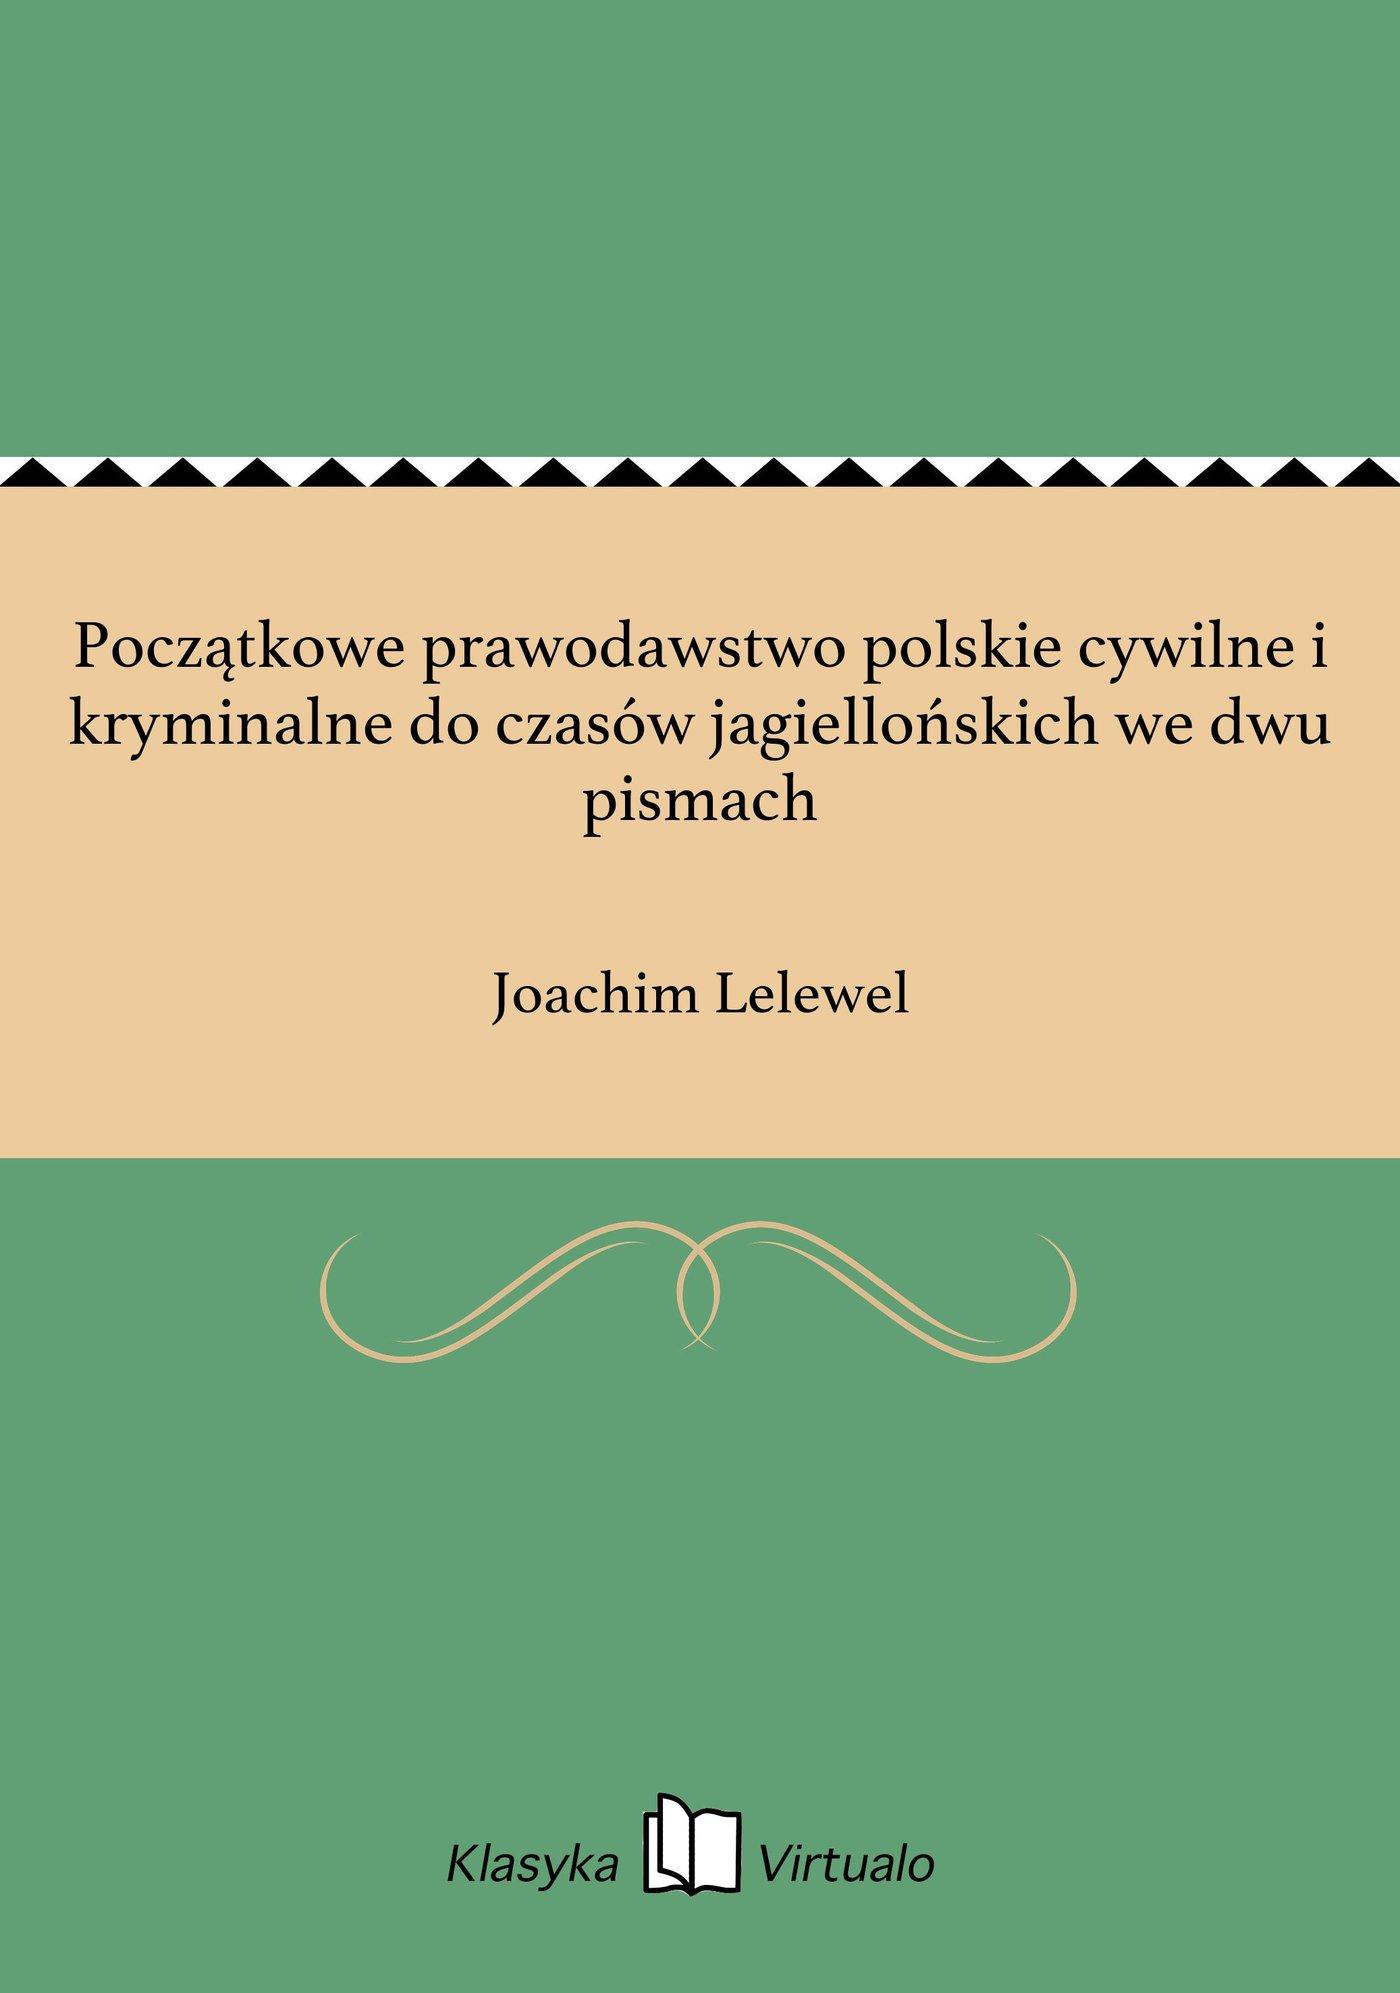 Początkowe prawodawstwo polskie cywilne i kryminalne do czasów jagiellońskich we dwu pismach - Ebook (Książka EPUB) do pobrania w formacie EPUB